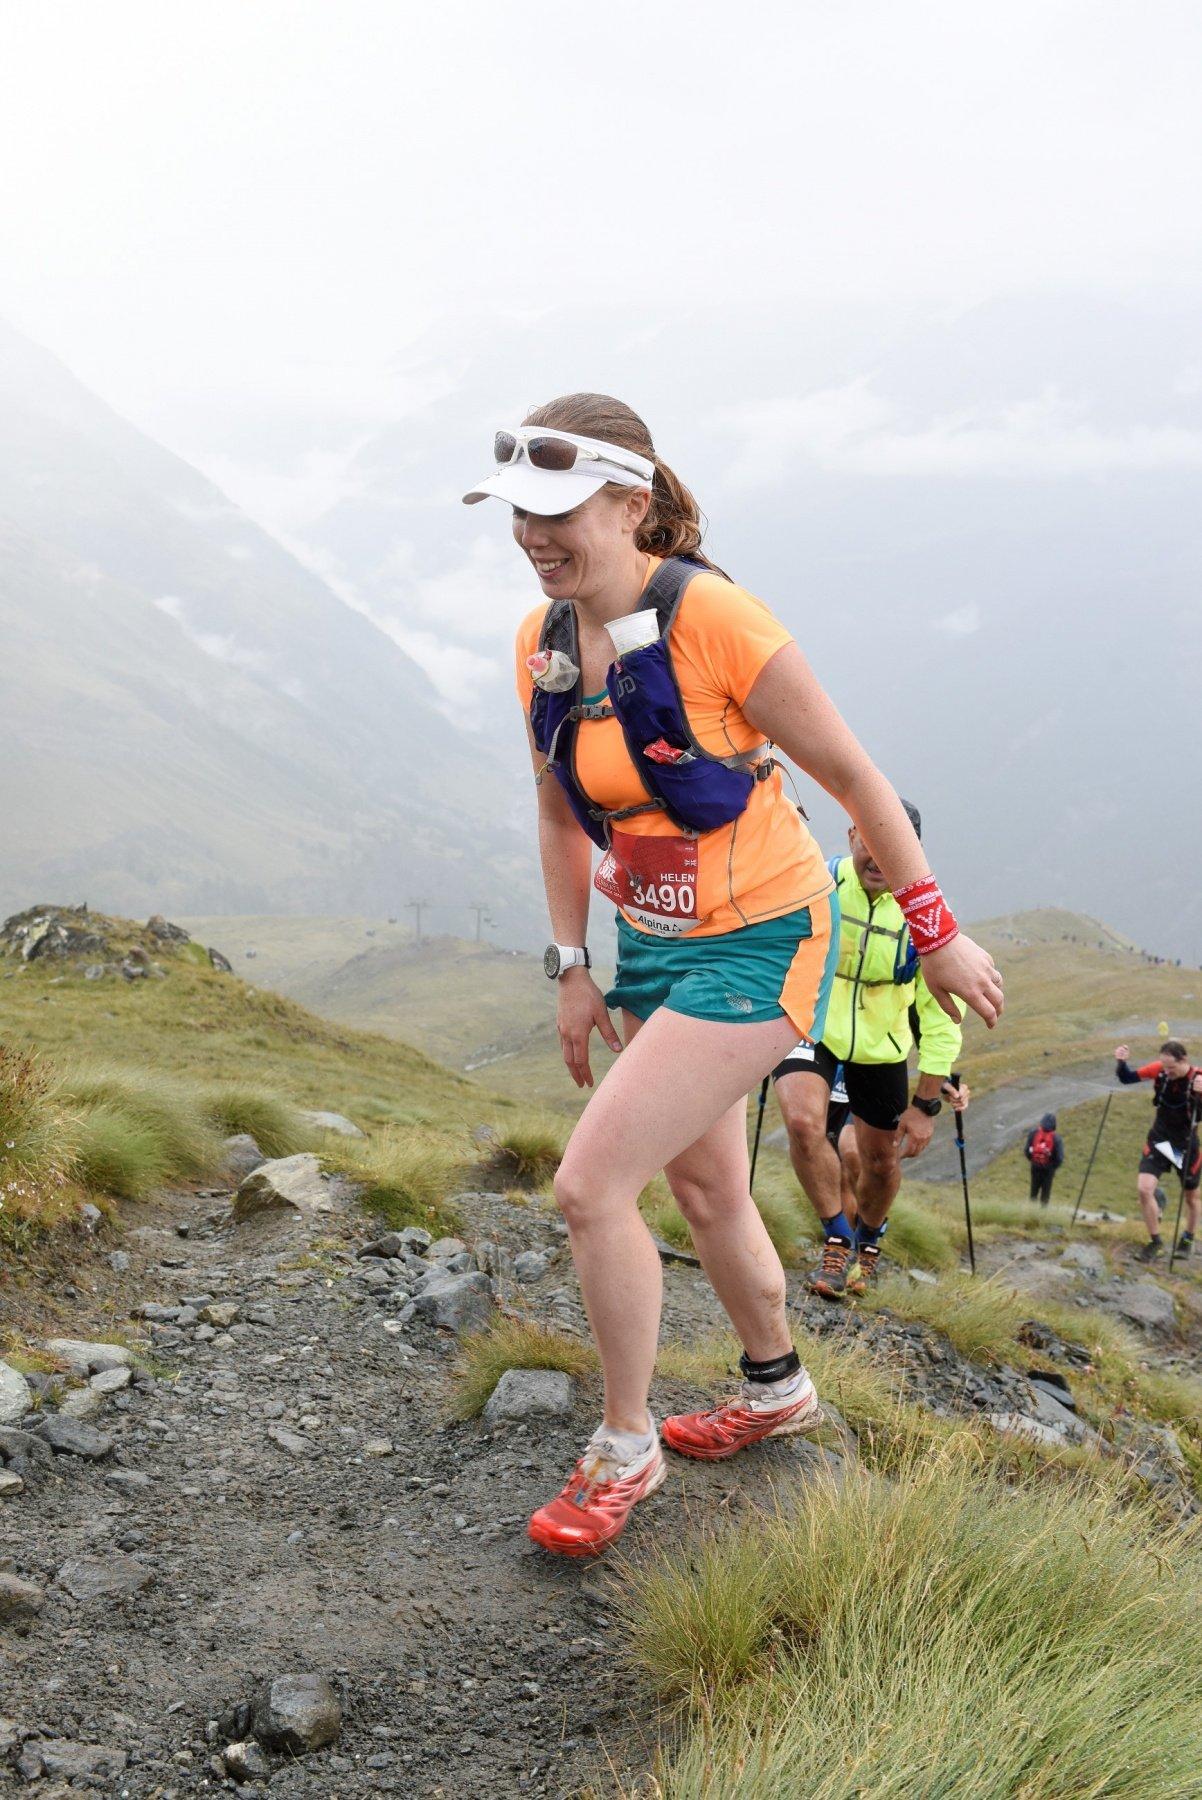 Schwartzsee climb during Matterhorn Ultraks